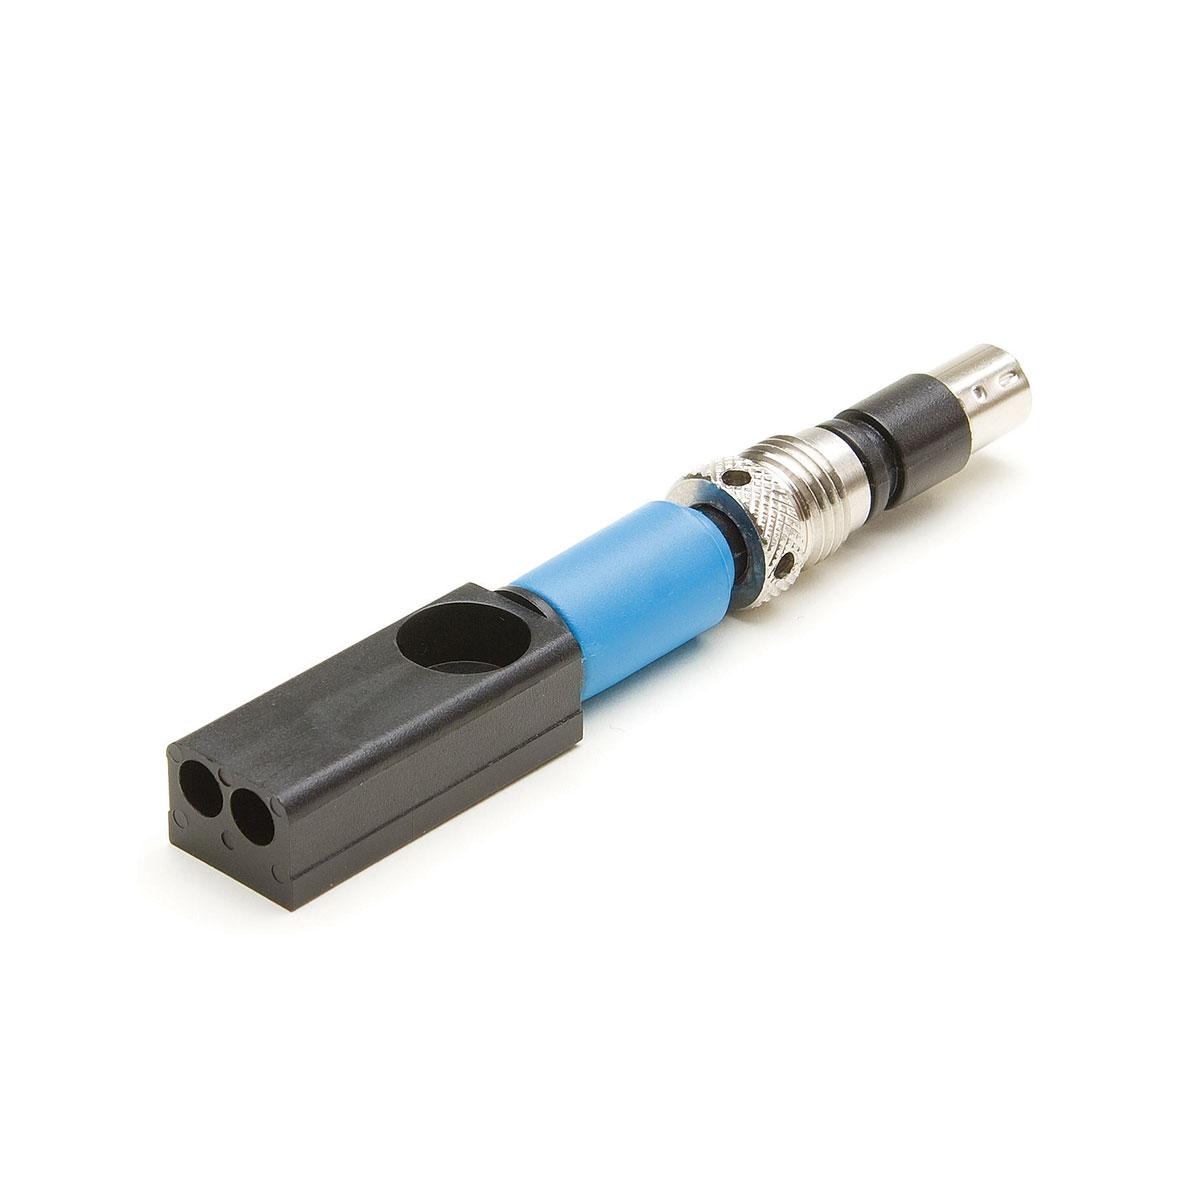 HI7609829-3 Conductivity Sensor for the HI9829 Multiparameter Portable Meter